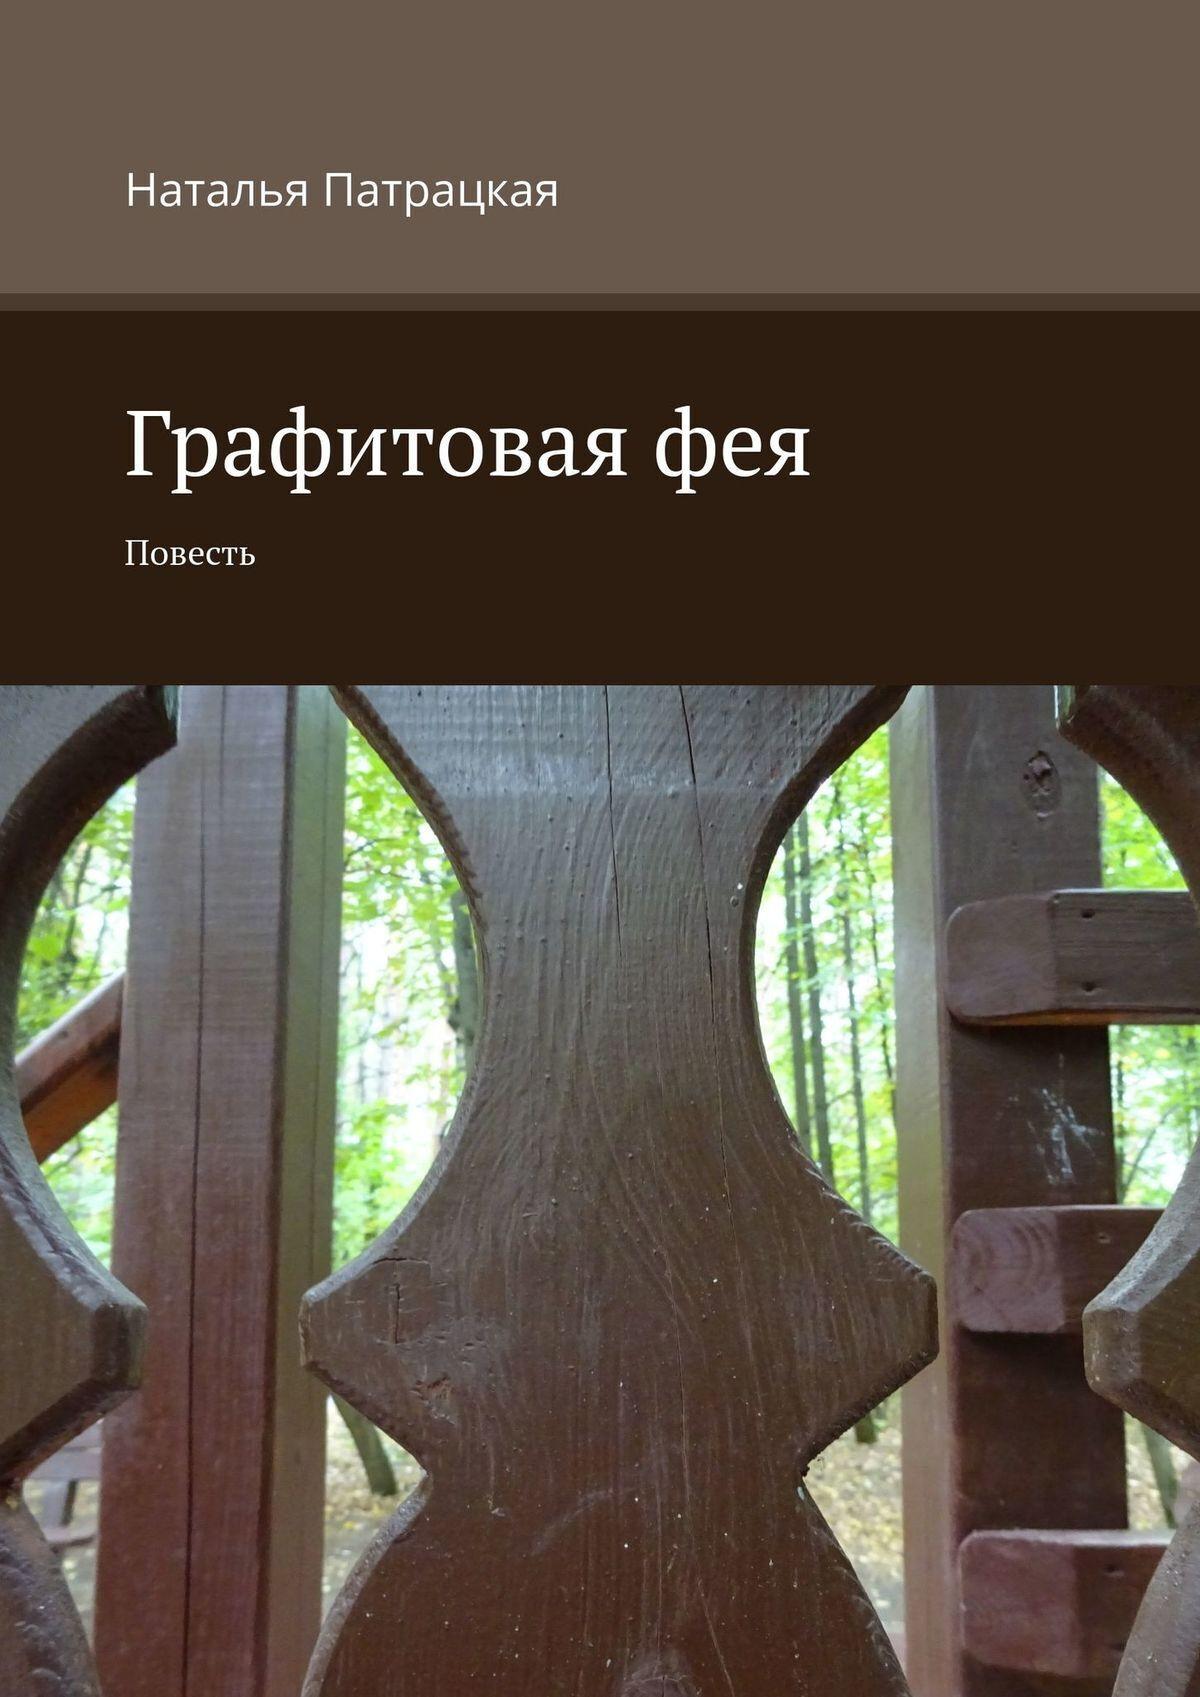 все цены на Наталья Патрацкая Графитоваяфея. Серия «Виртуальные повести» онлайн